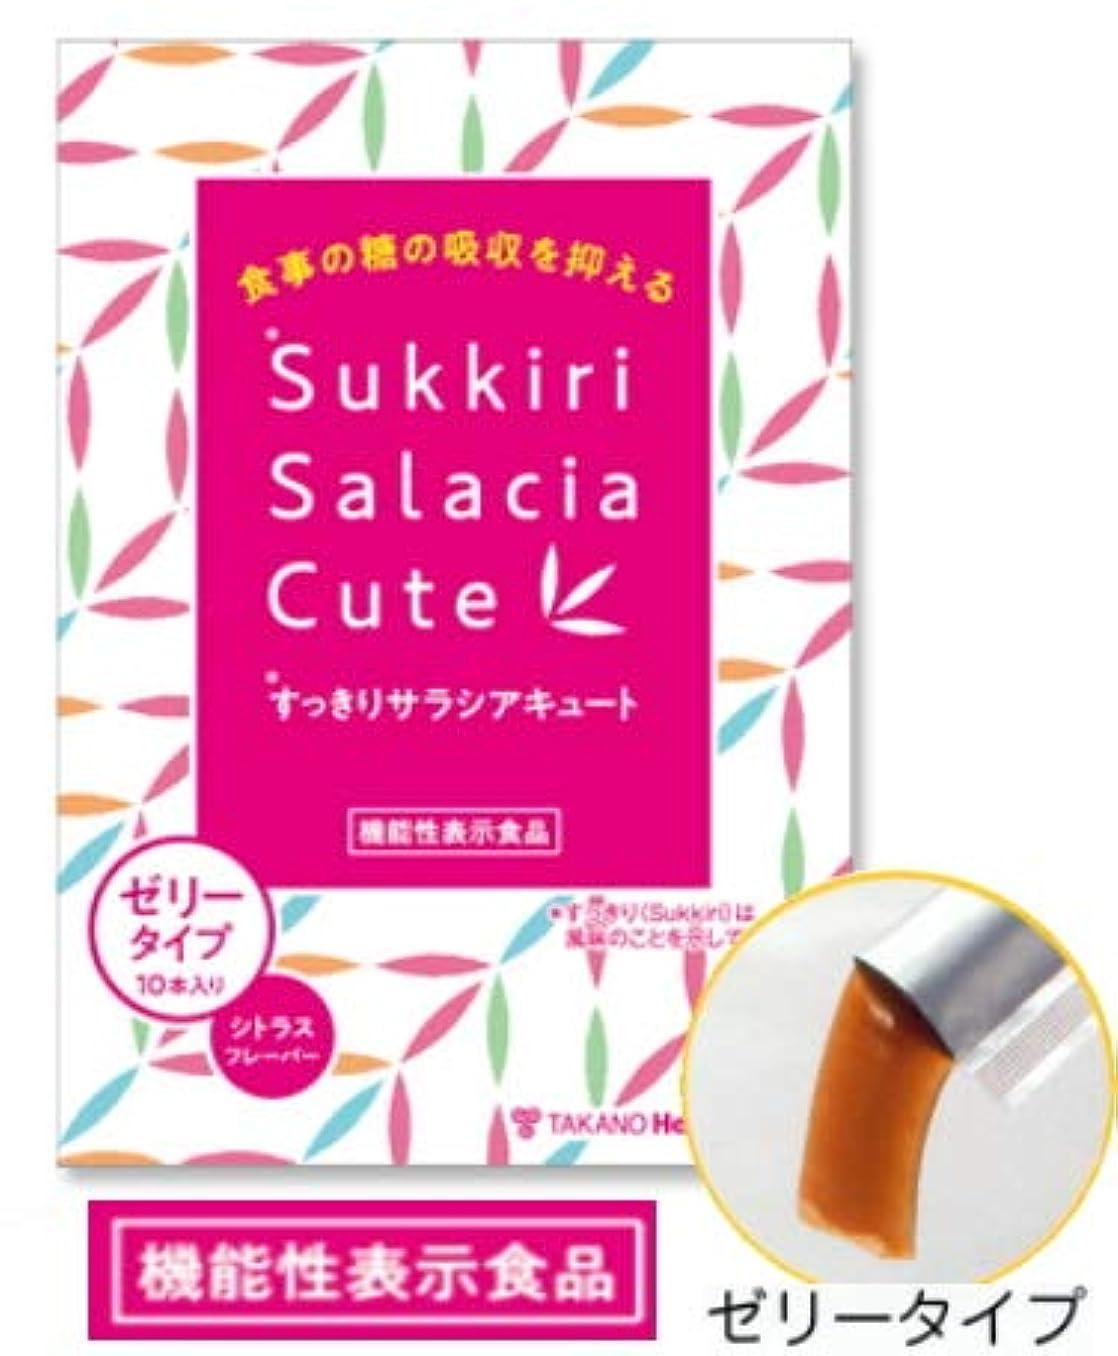 フラッシュのように素早くビジター松の木食事の糖の吸収を抑える すっきり サラシア キュート ゼリーダイプ 10本入【機能性表示食品】